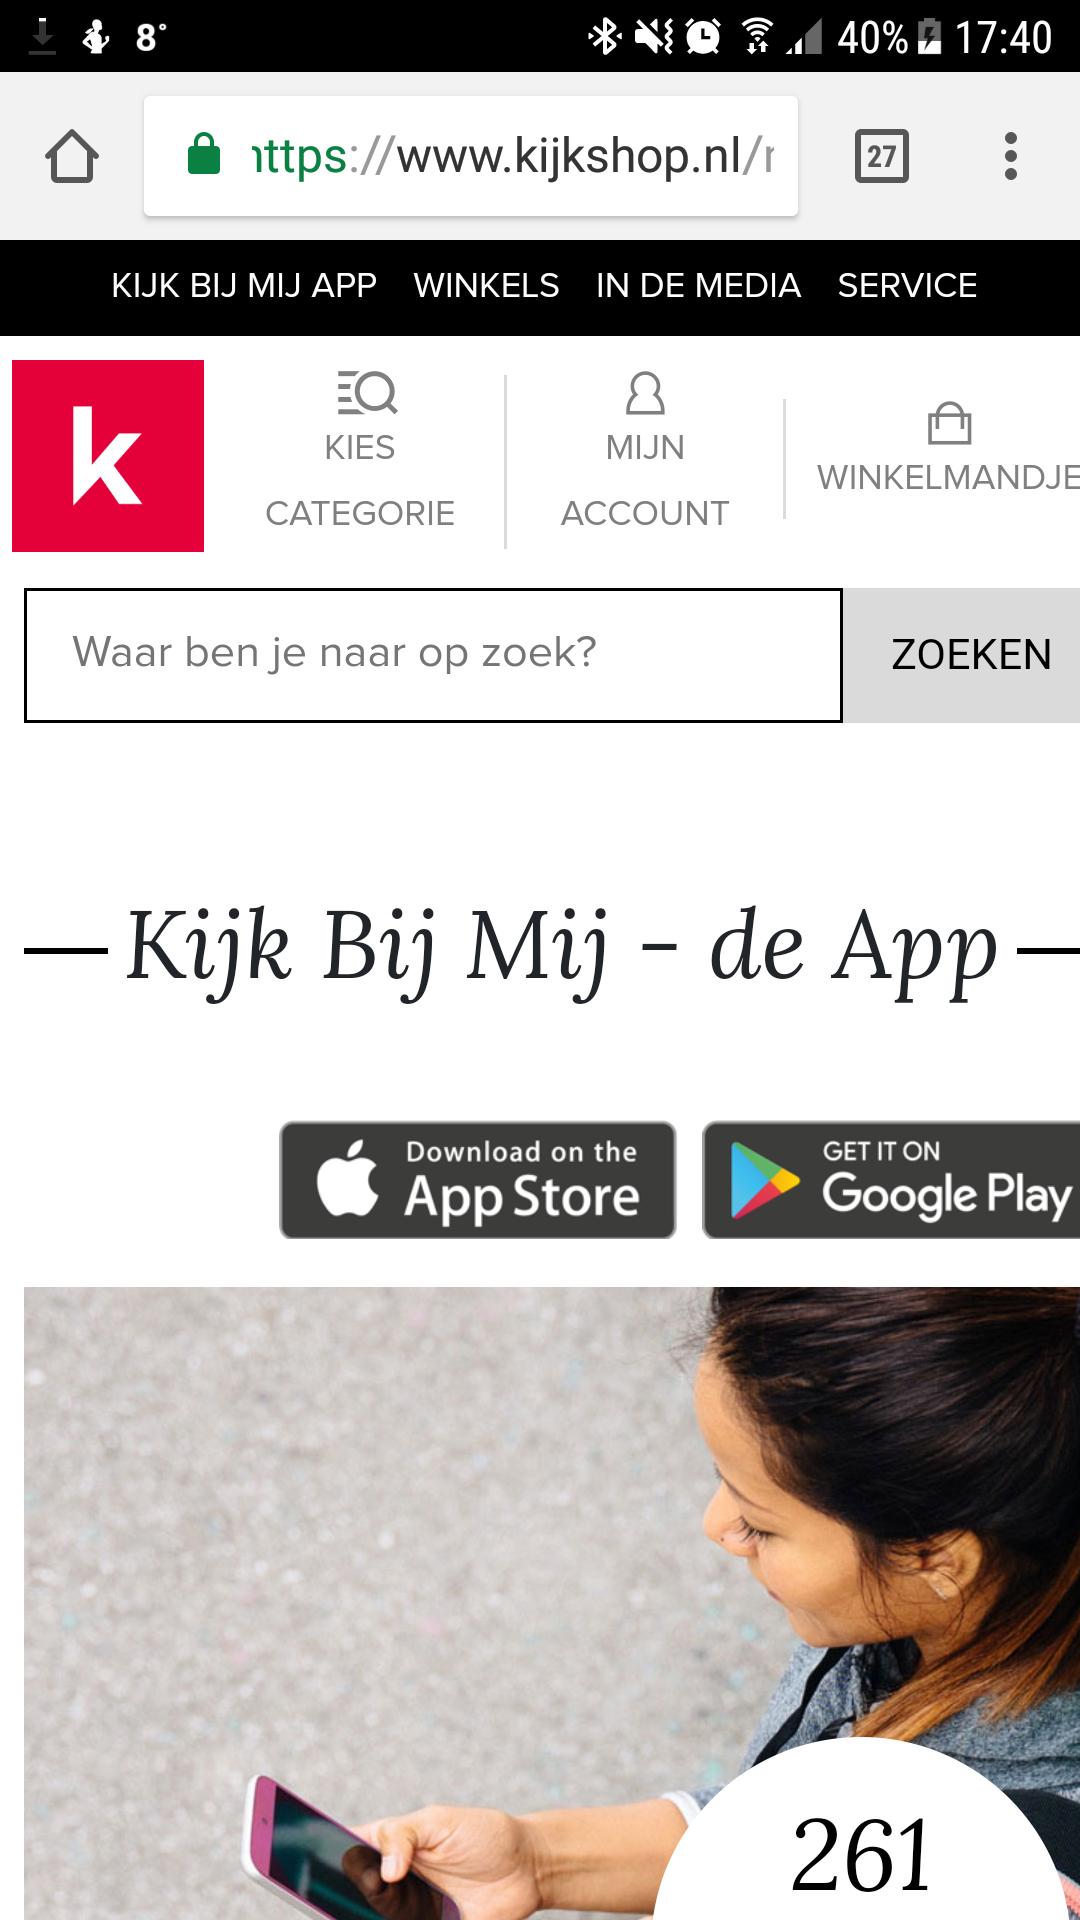 Download de kijk bij mij app voor 5 euro shoptegoed vanaf €50 @ Kijkshop